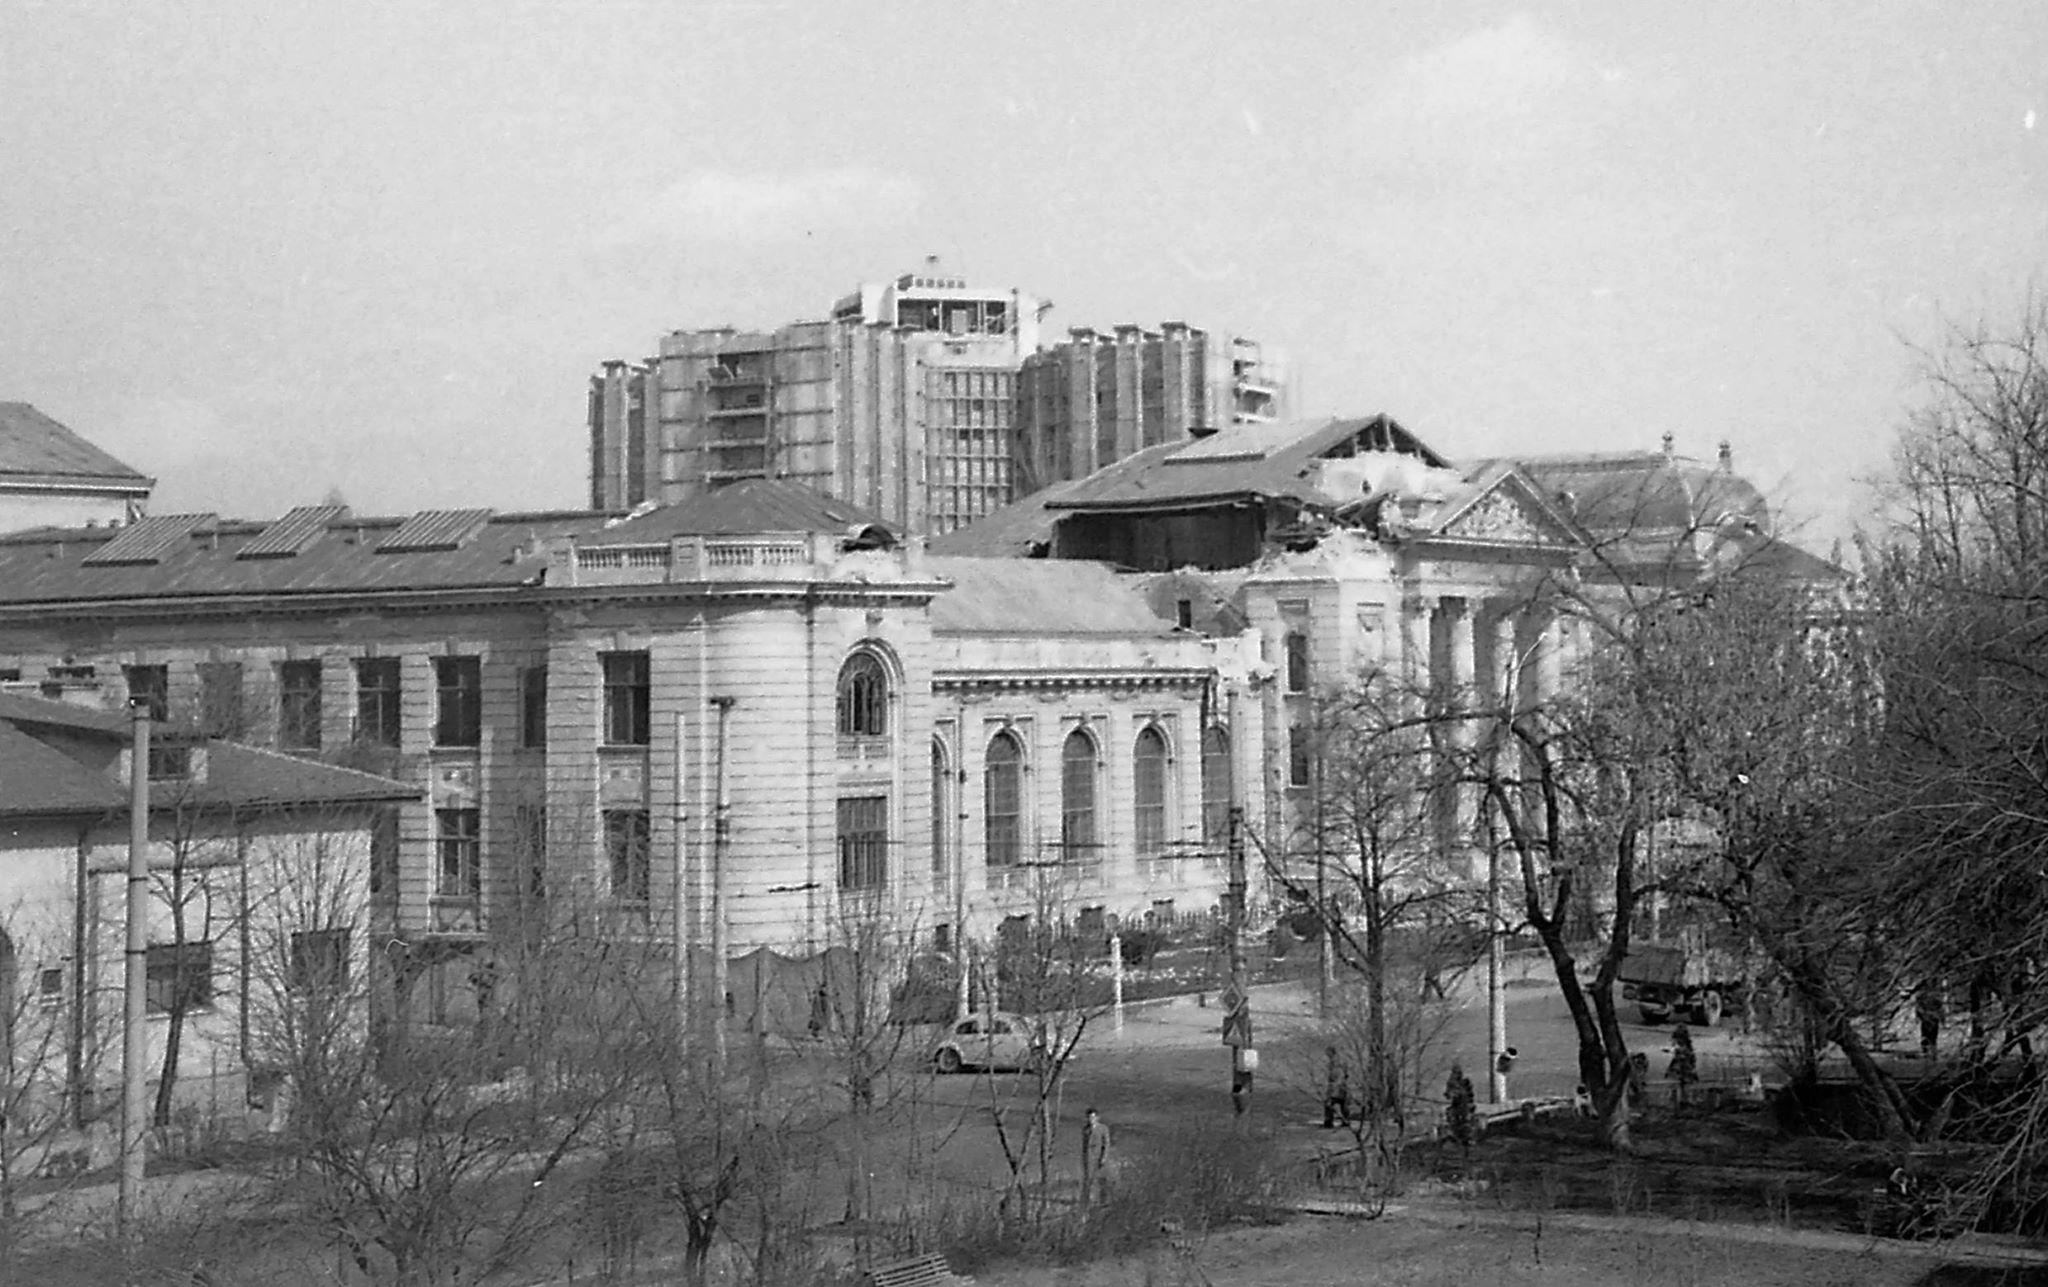 cutremur 4 martie 1977 facultatea de medicina umana cartier cotroceni si spitalul municipal pagube afectat